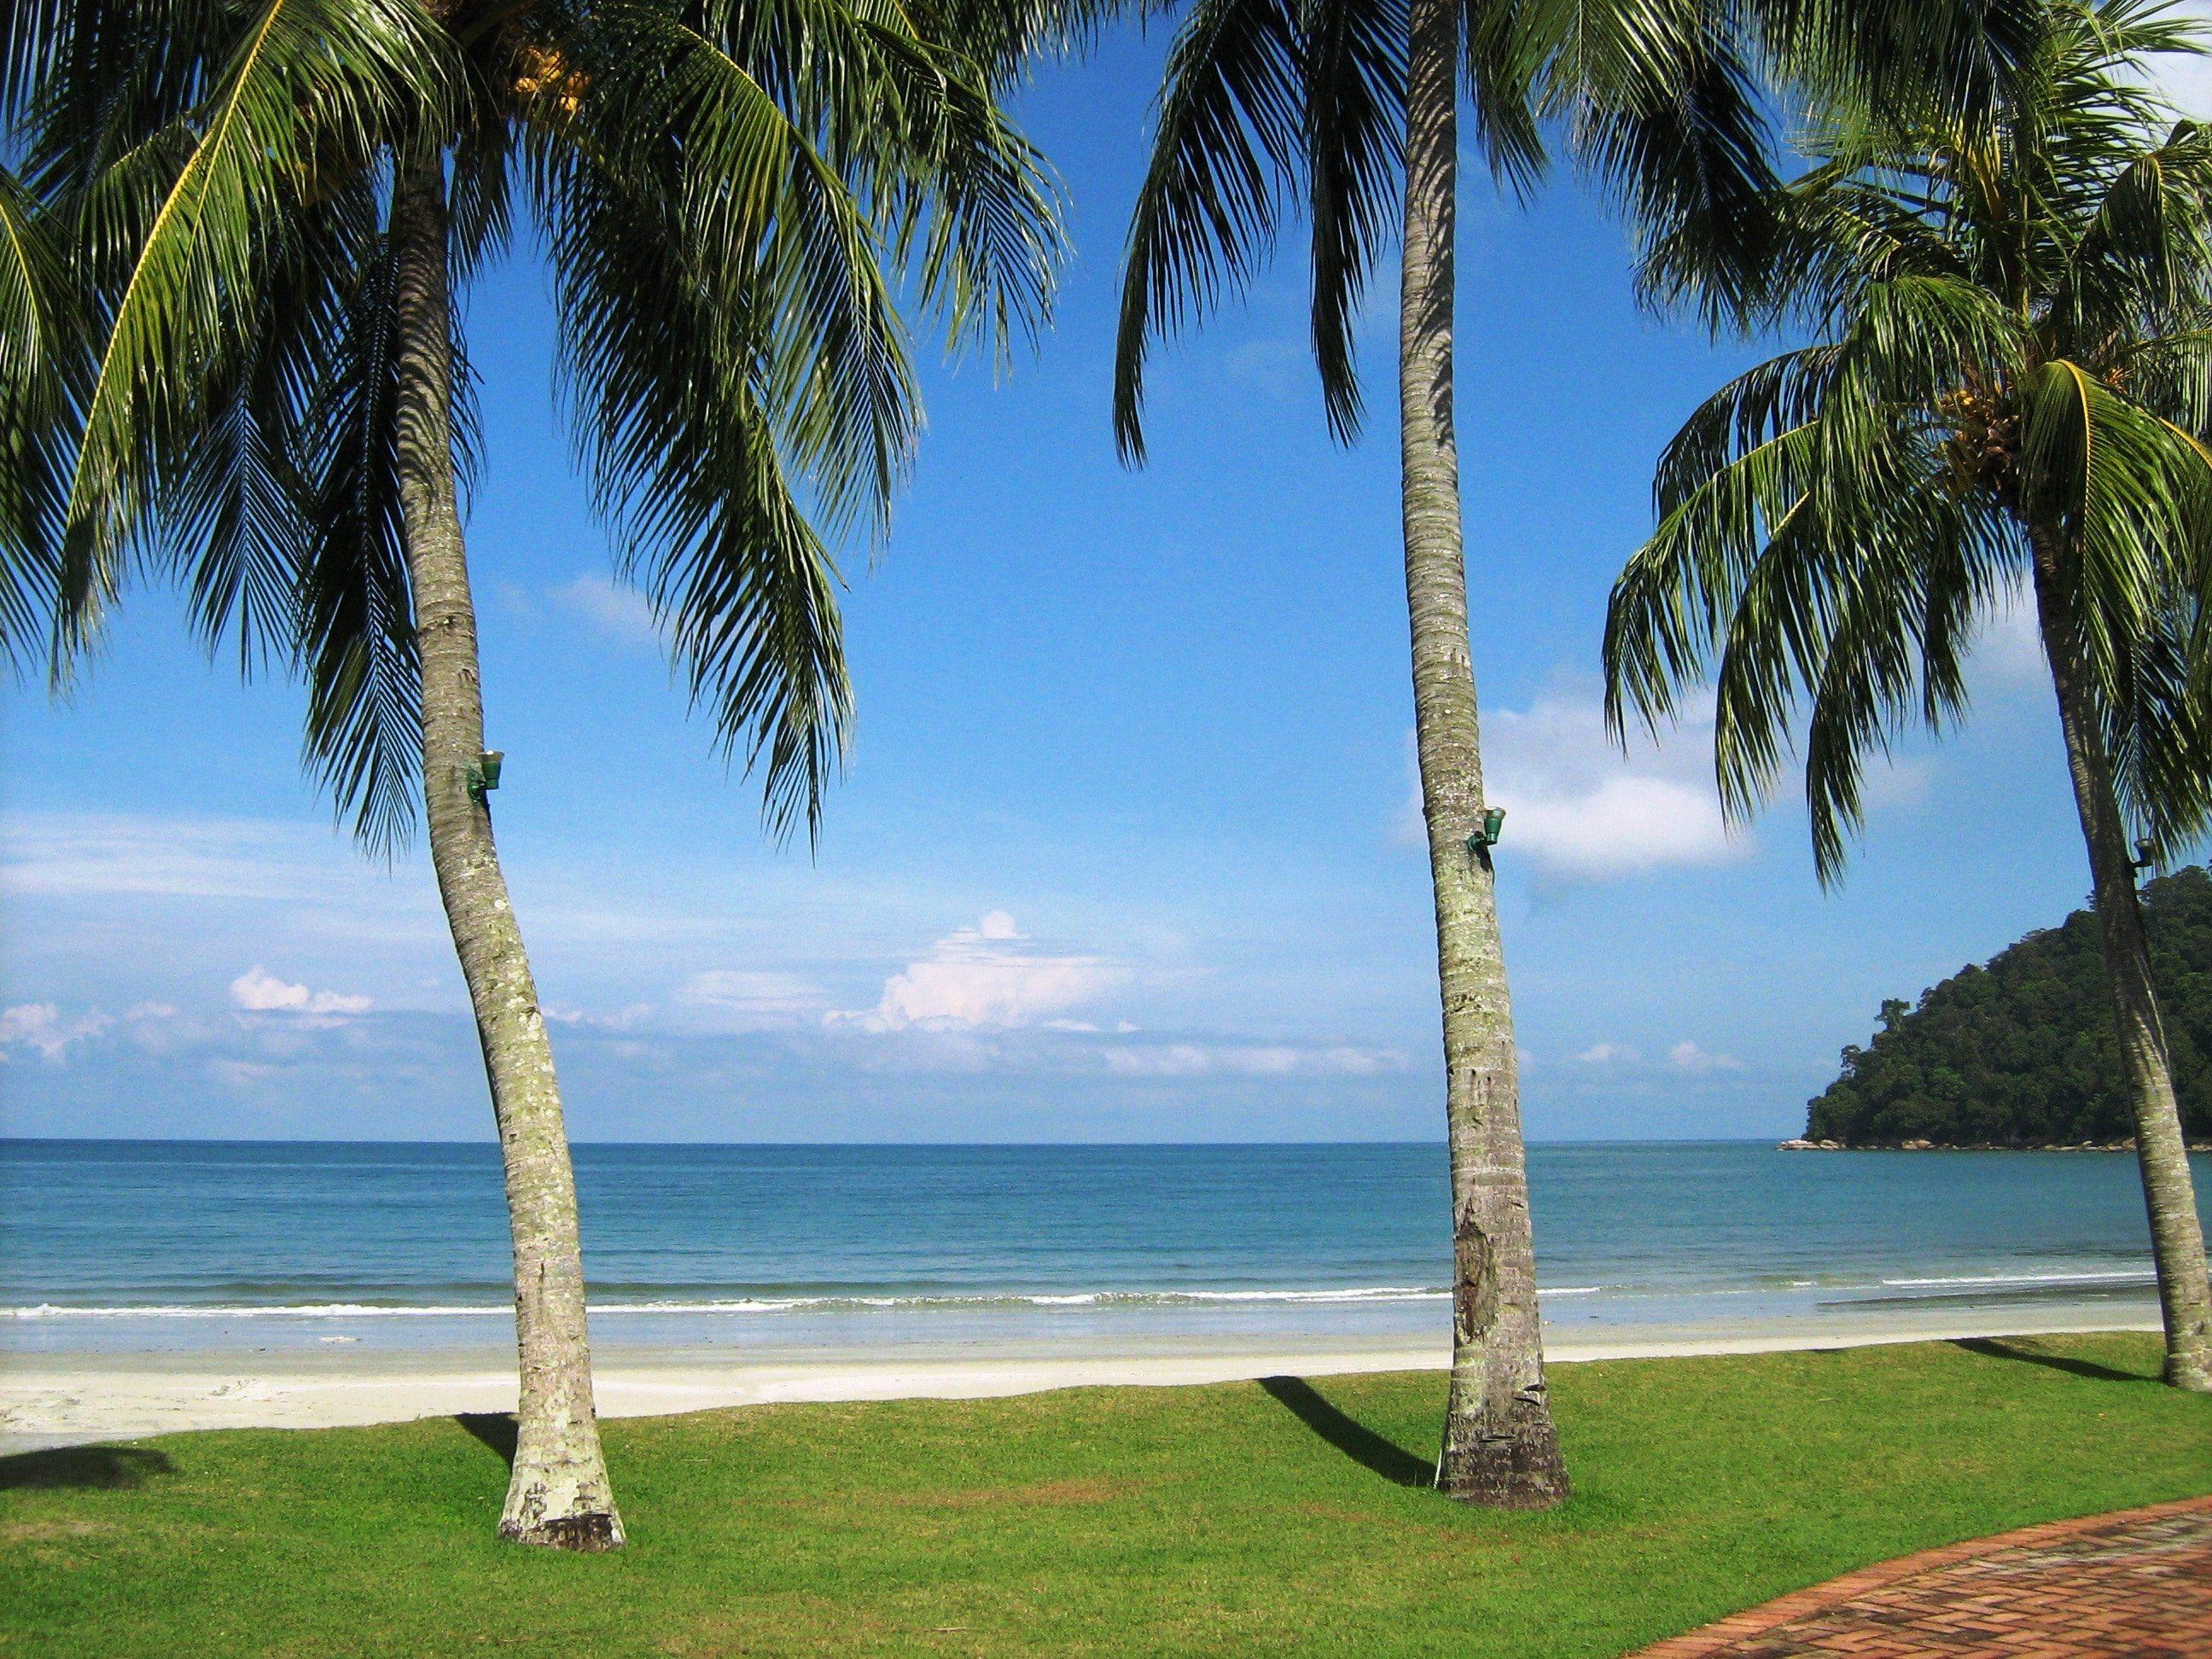 جزيرة بانكور في ماليزيا